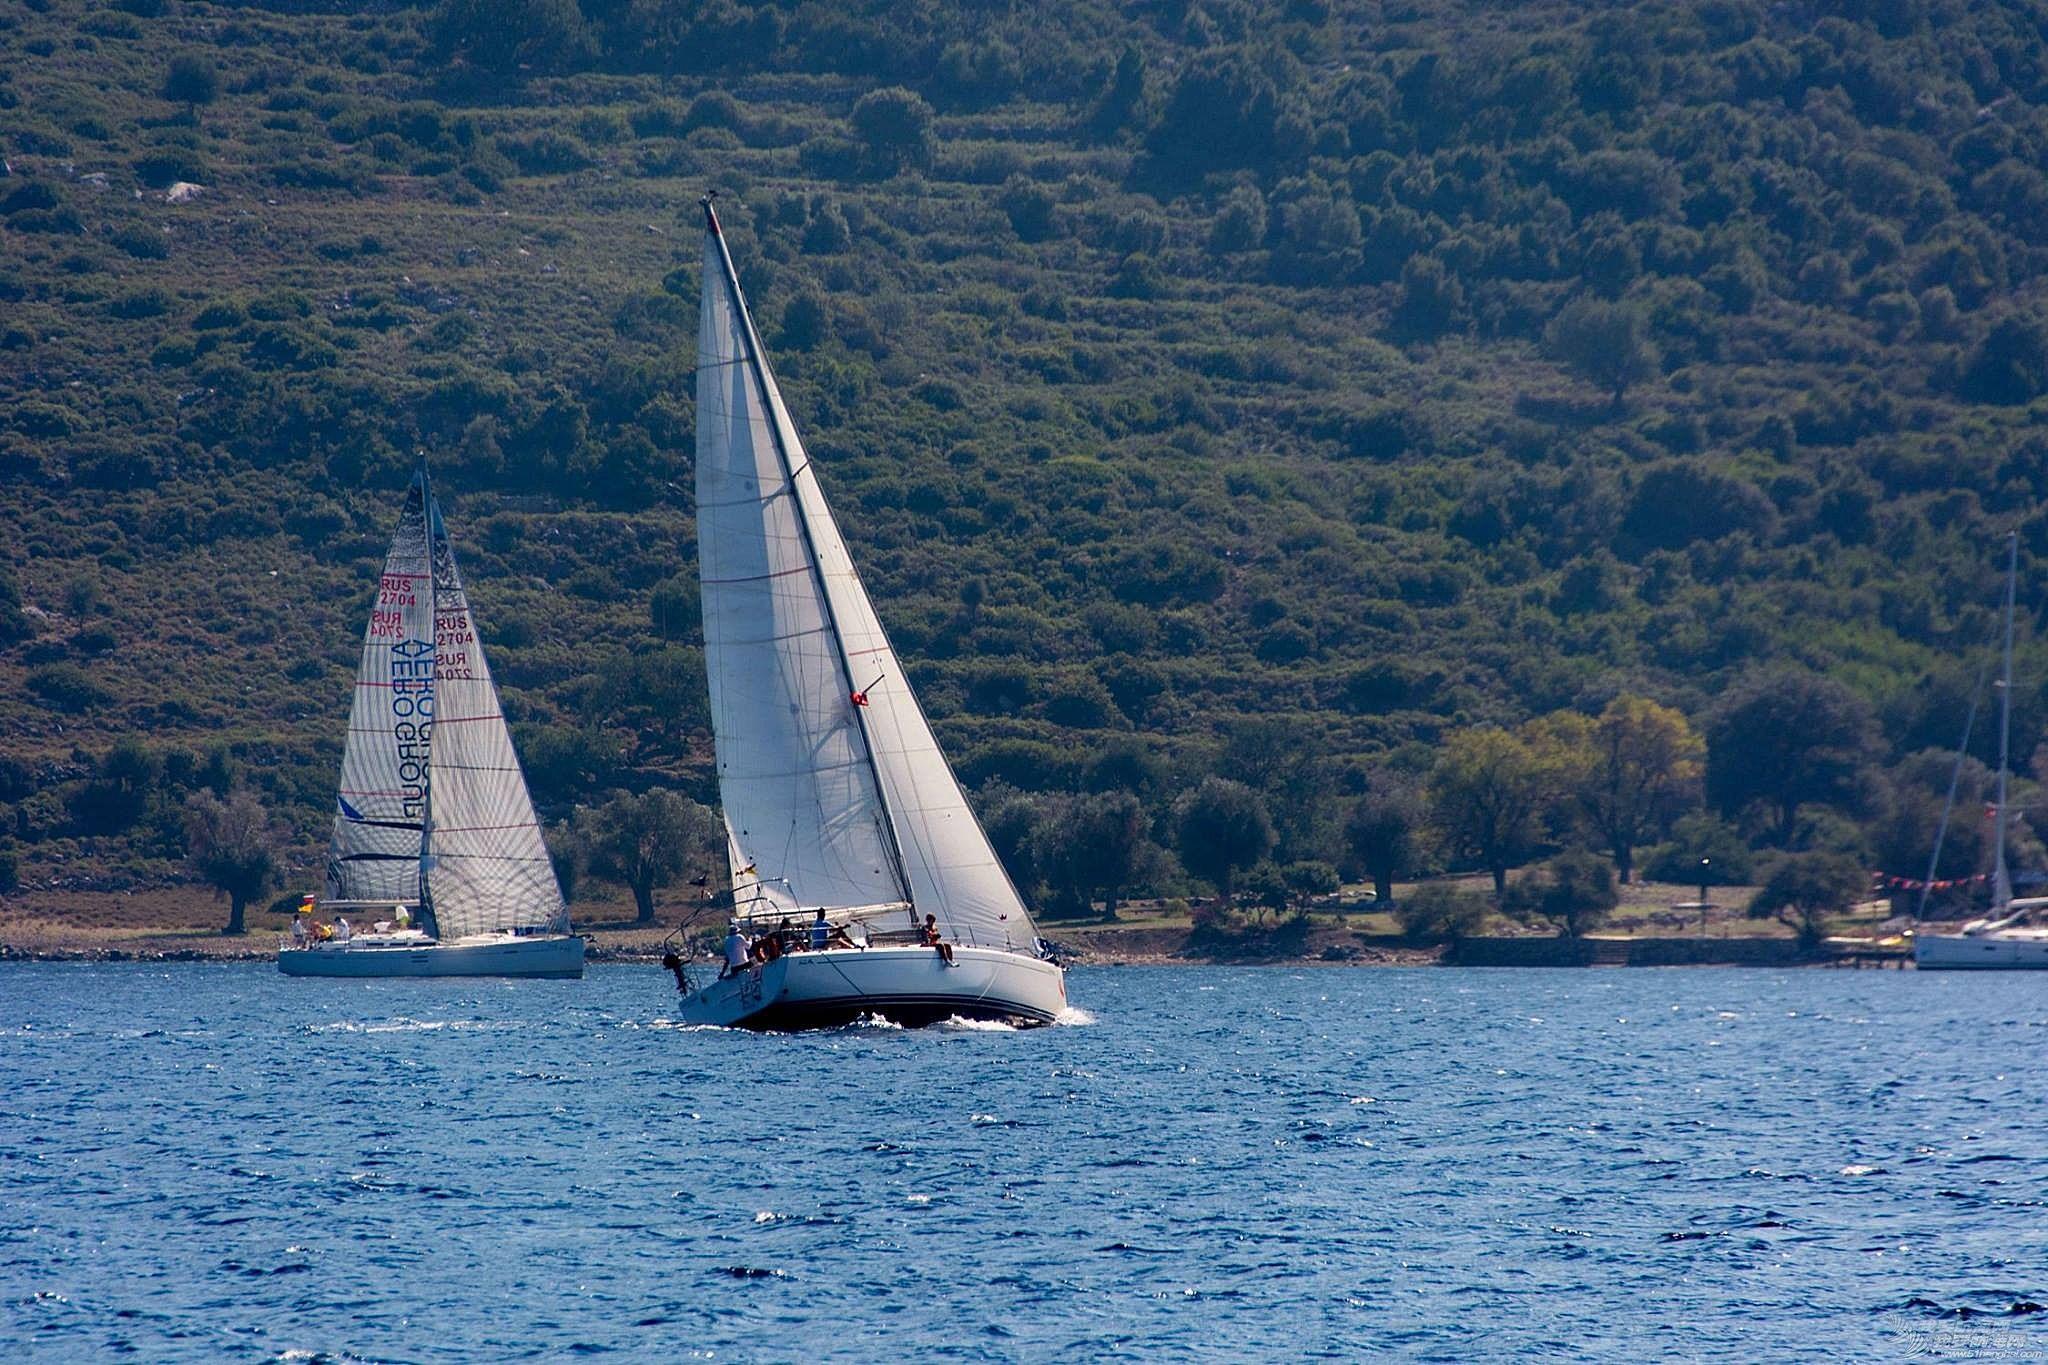 土耳其 航海到土耳其又遇土耳其帆赛